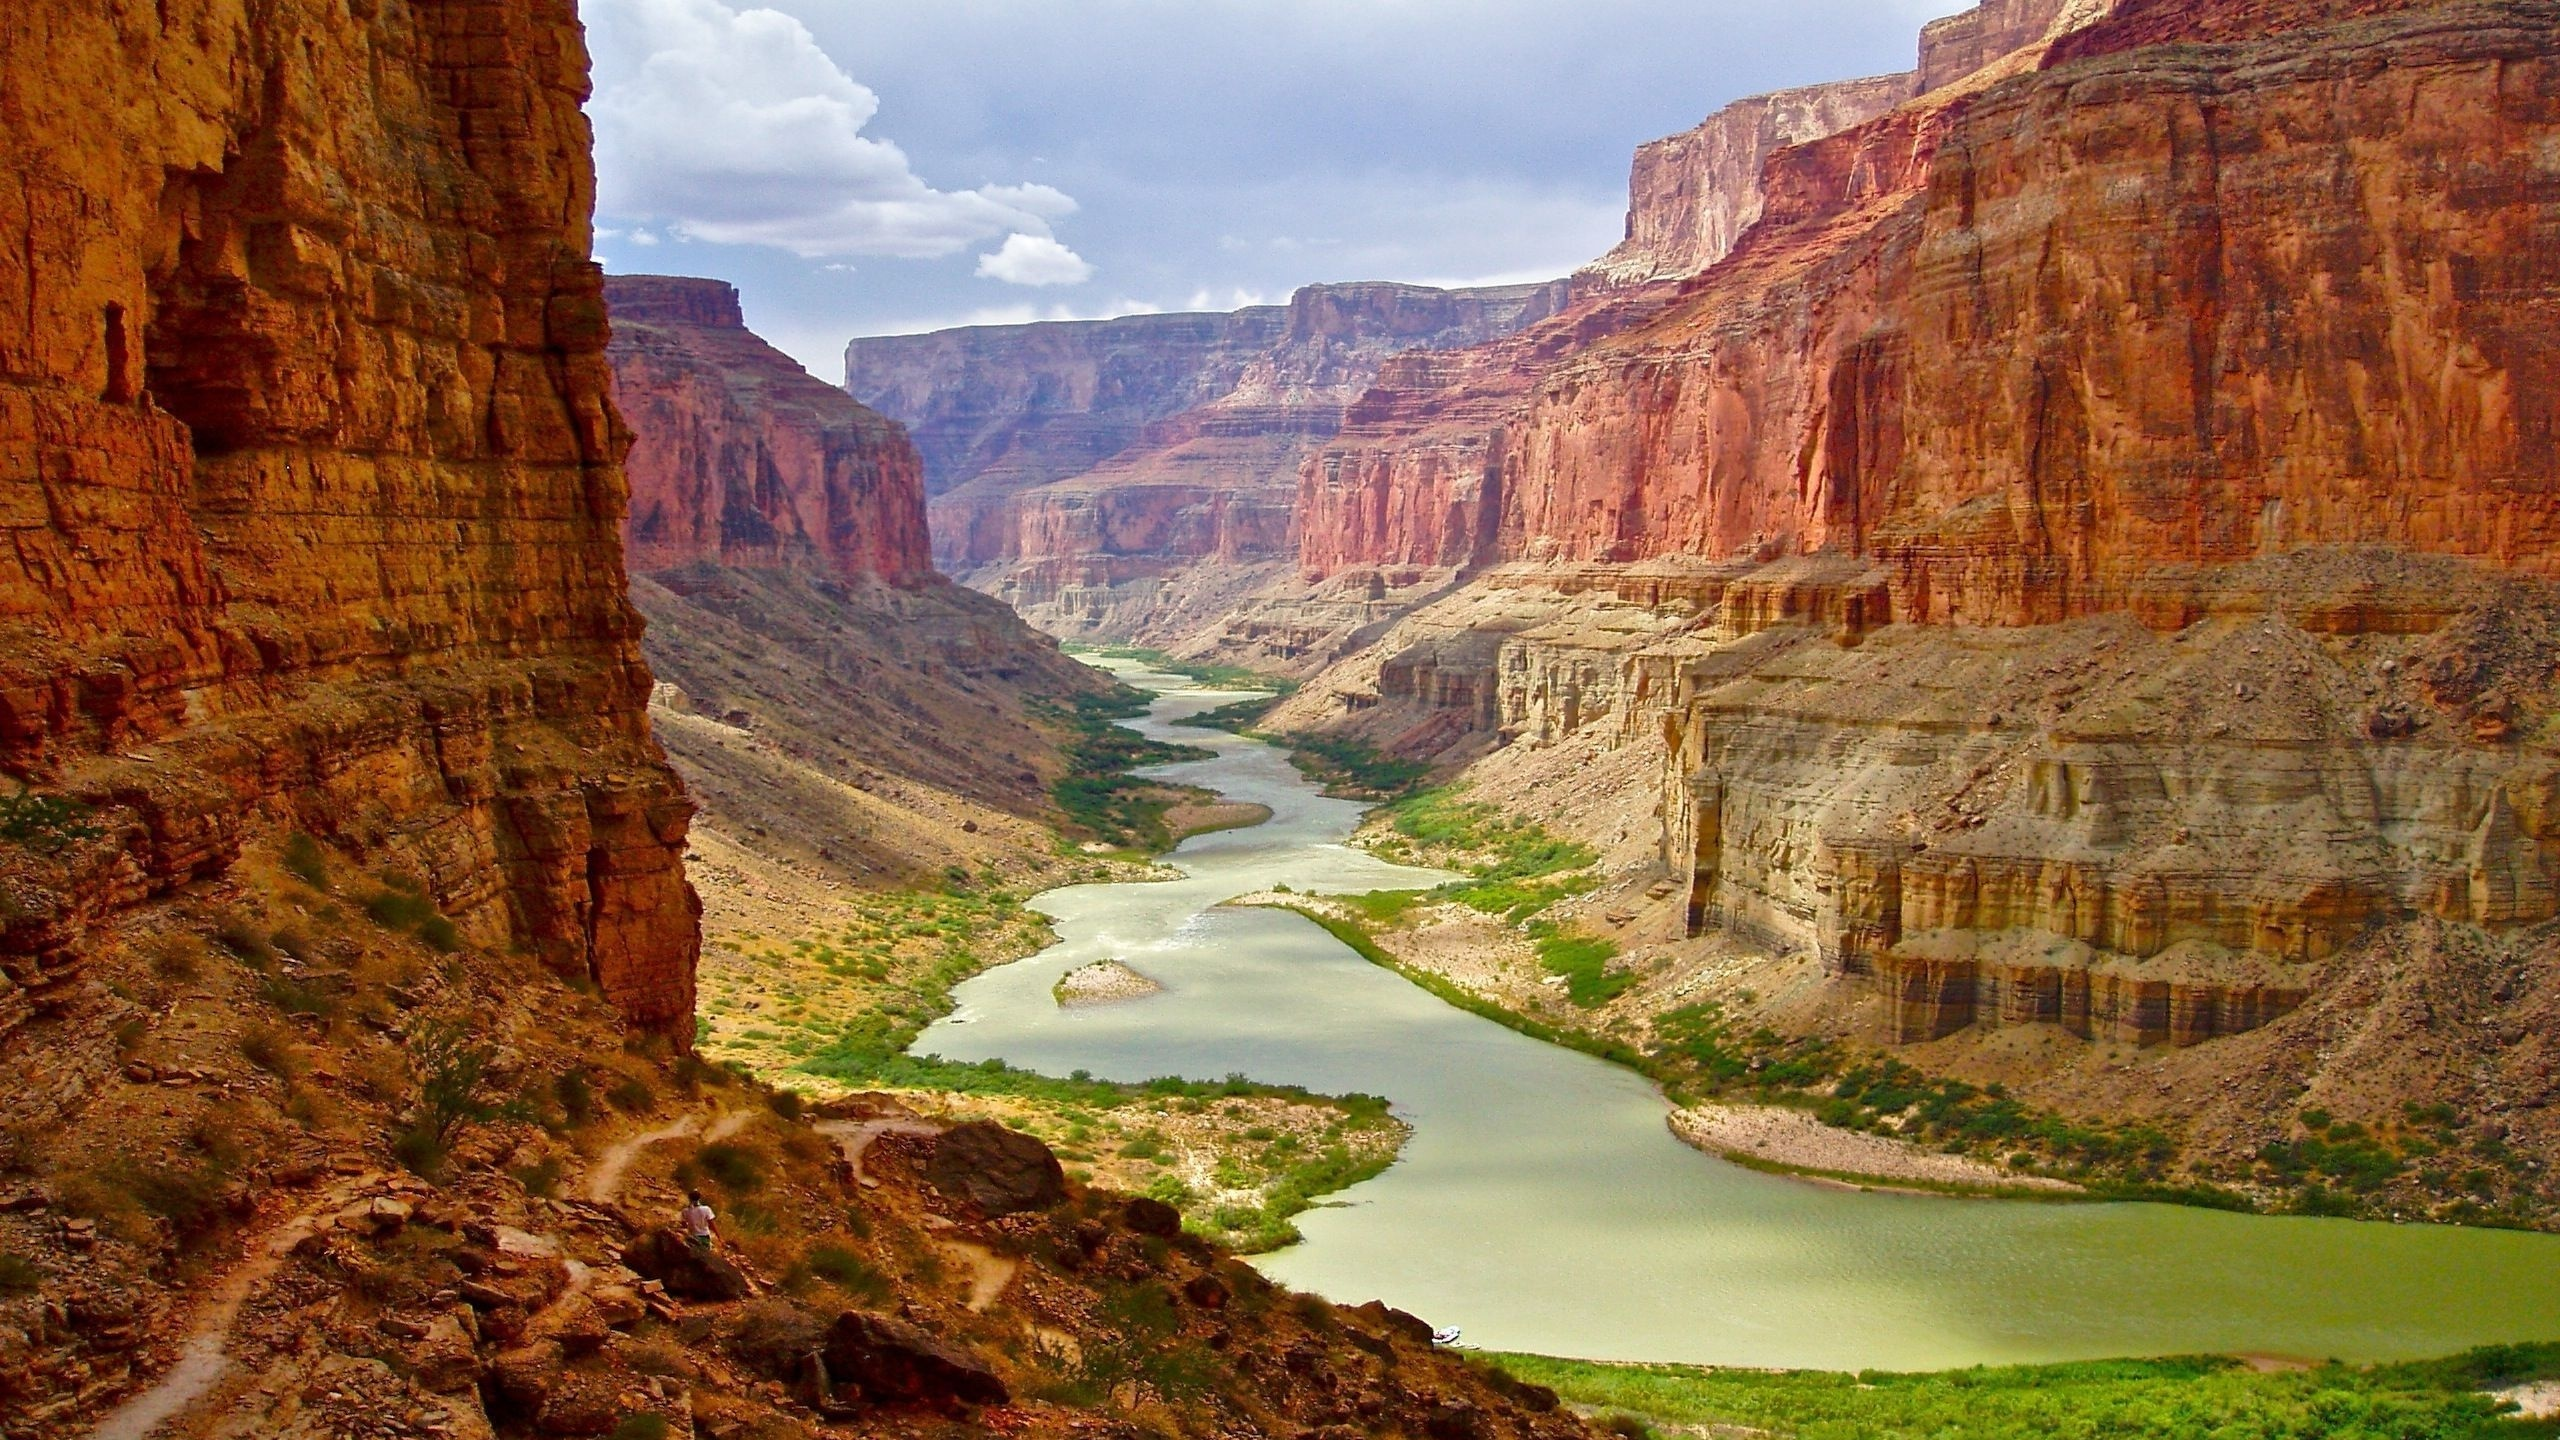 вот картинки про каньон является медико-социальным учреждением